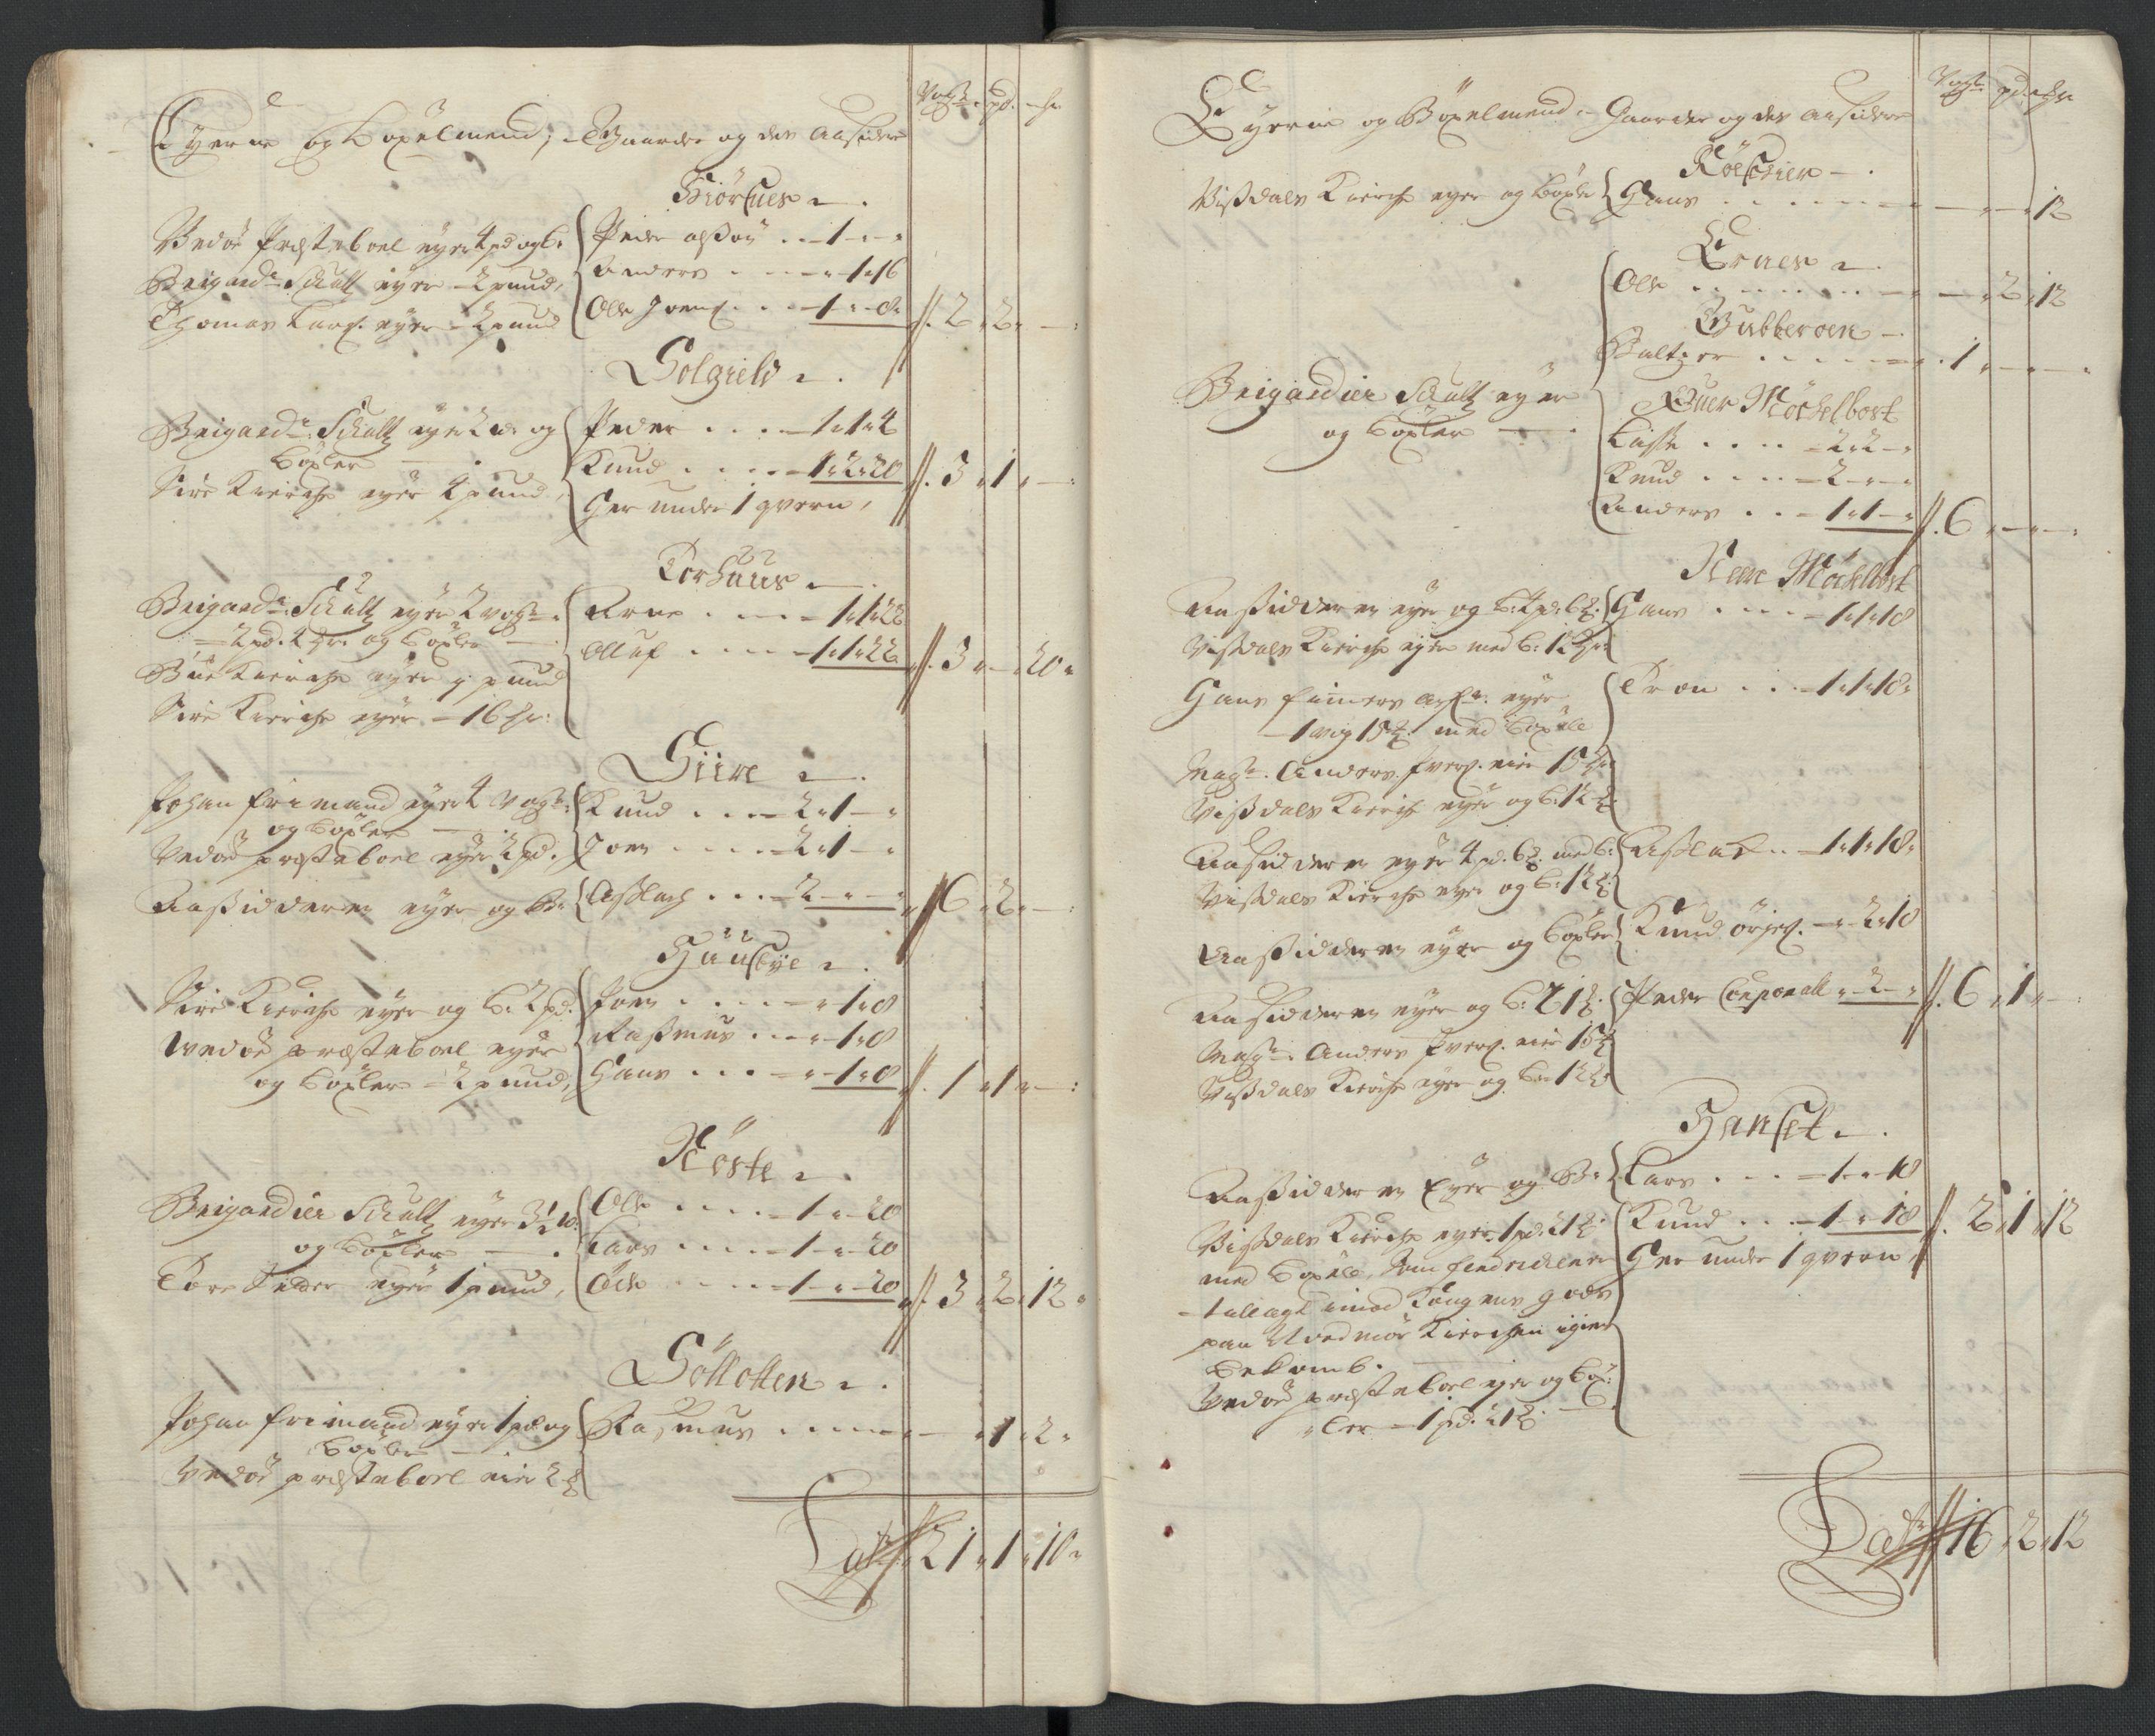 RA, Rentekammeret inntil 1814, Reviderte regnskaper, Fogderegnskap, R55/L3656: Fogderegnskap Romsdal, 1703-1705, s. 378